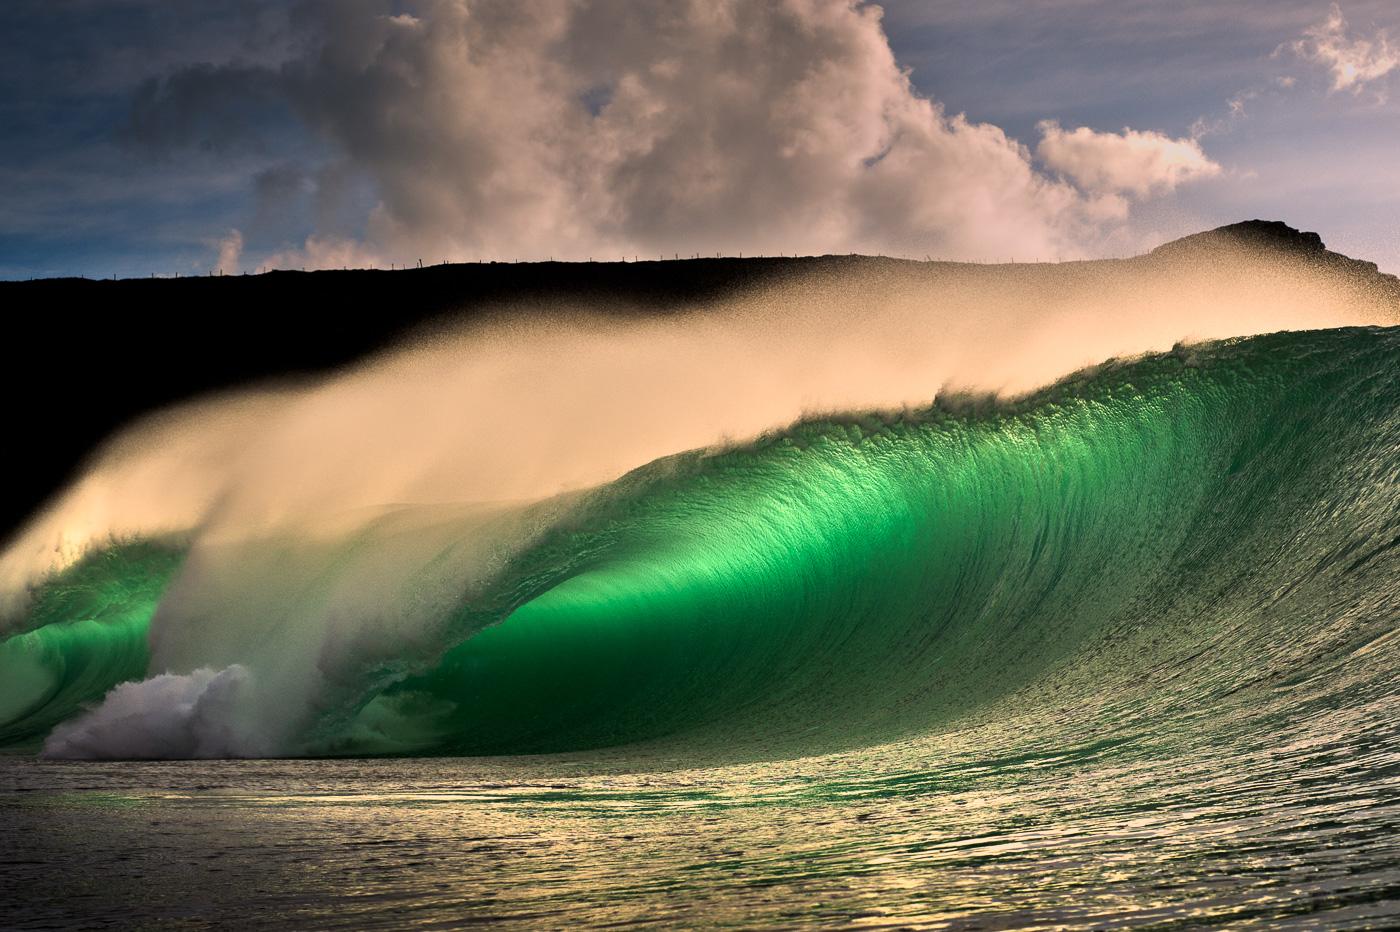 rileys big waves ireland